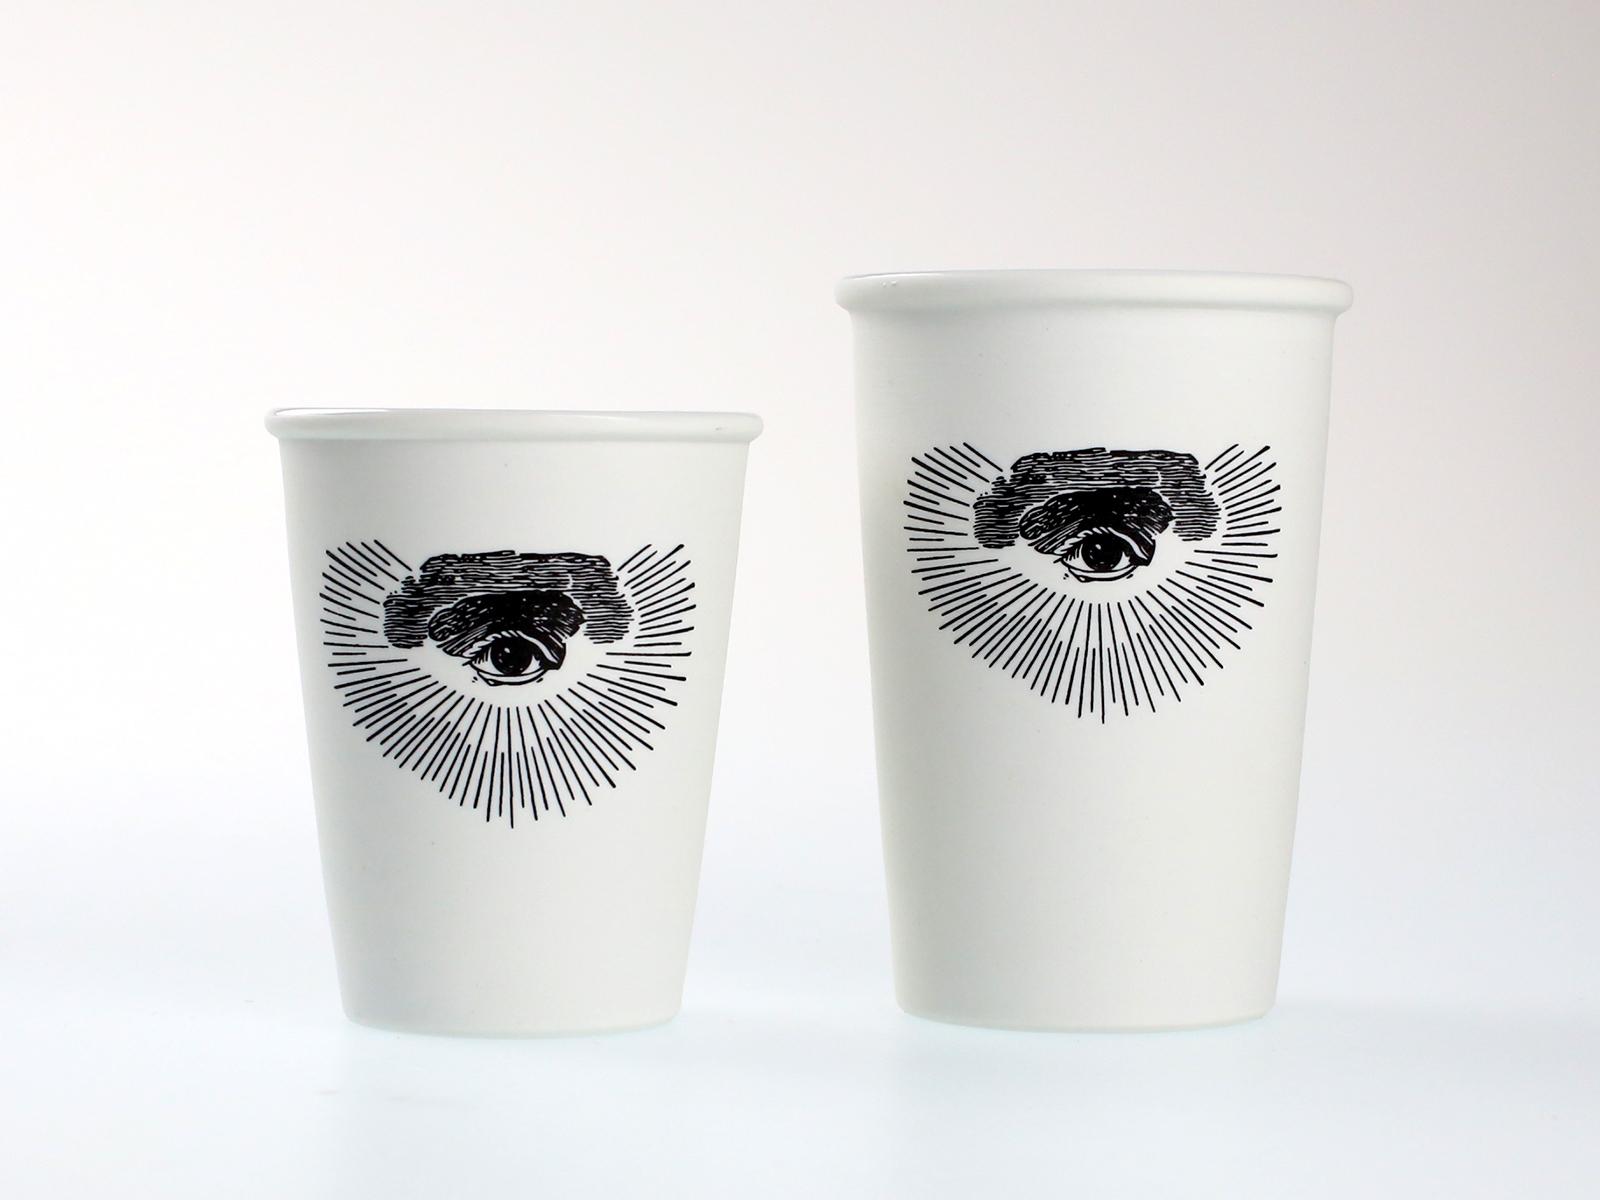 フリーメイソンのシンボルである「コンパスと直角定規」「プロビデンスの目」のマークがプリントされたコーヒーグッズ